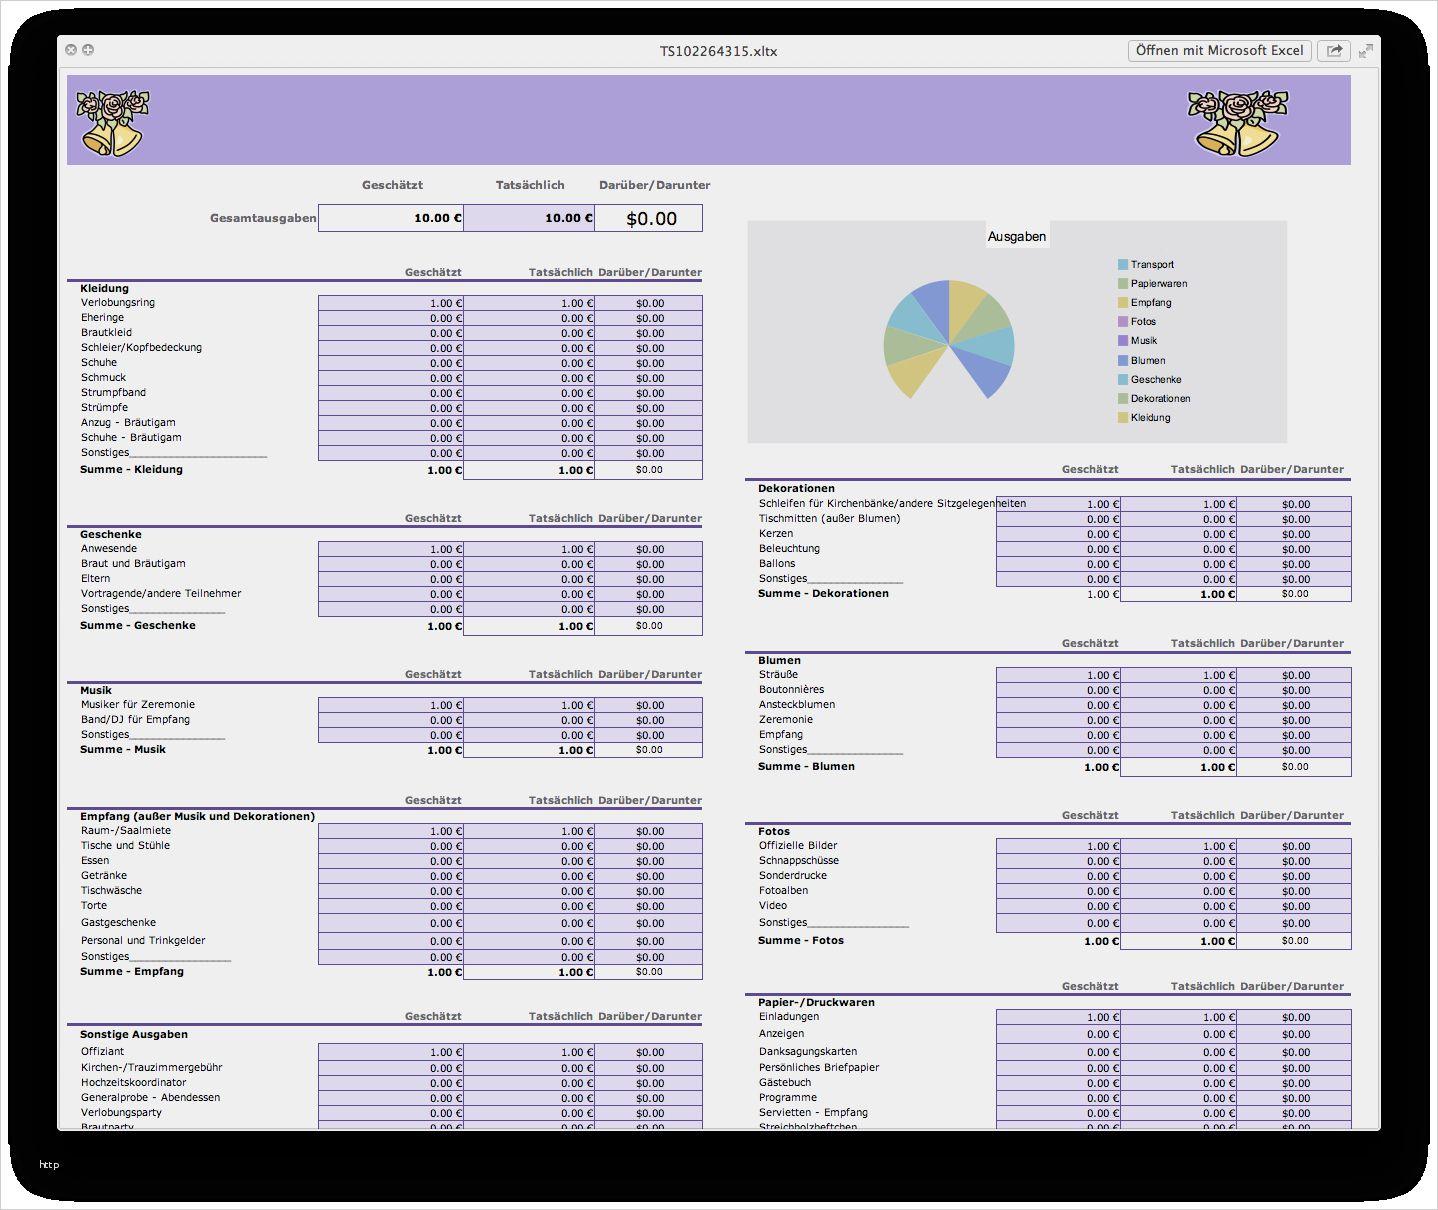 32 Gut Excel Vorlagen Kostenaufstellung Bilder In 2020 Excel Vorlage Vorlagen Deckblatt Vorlage